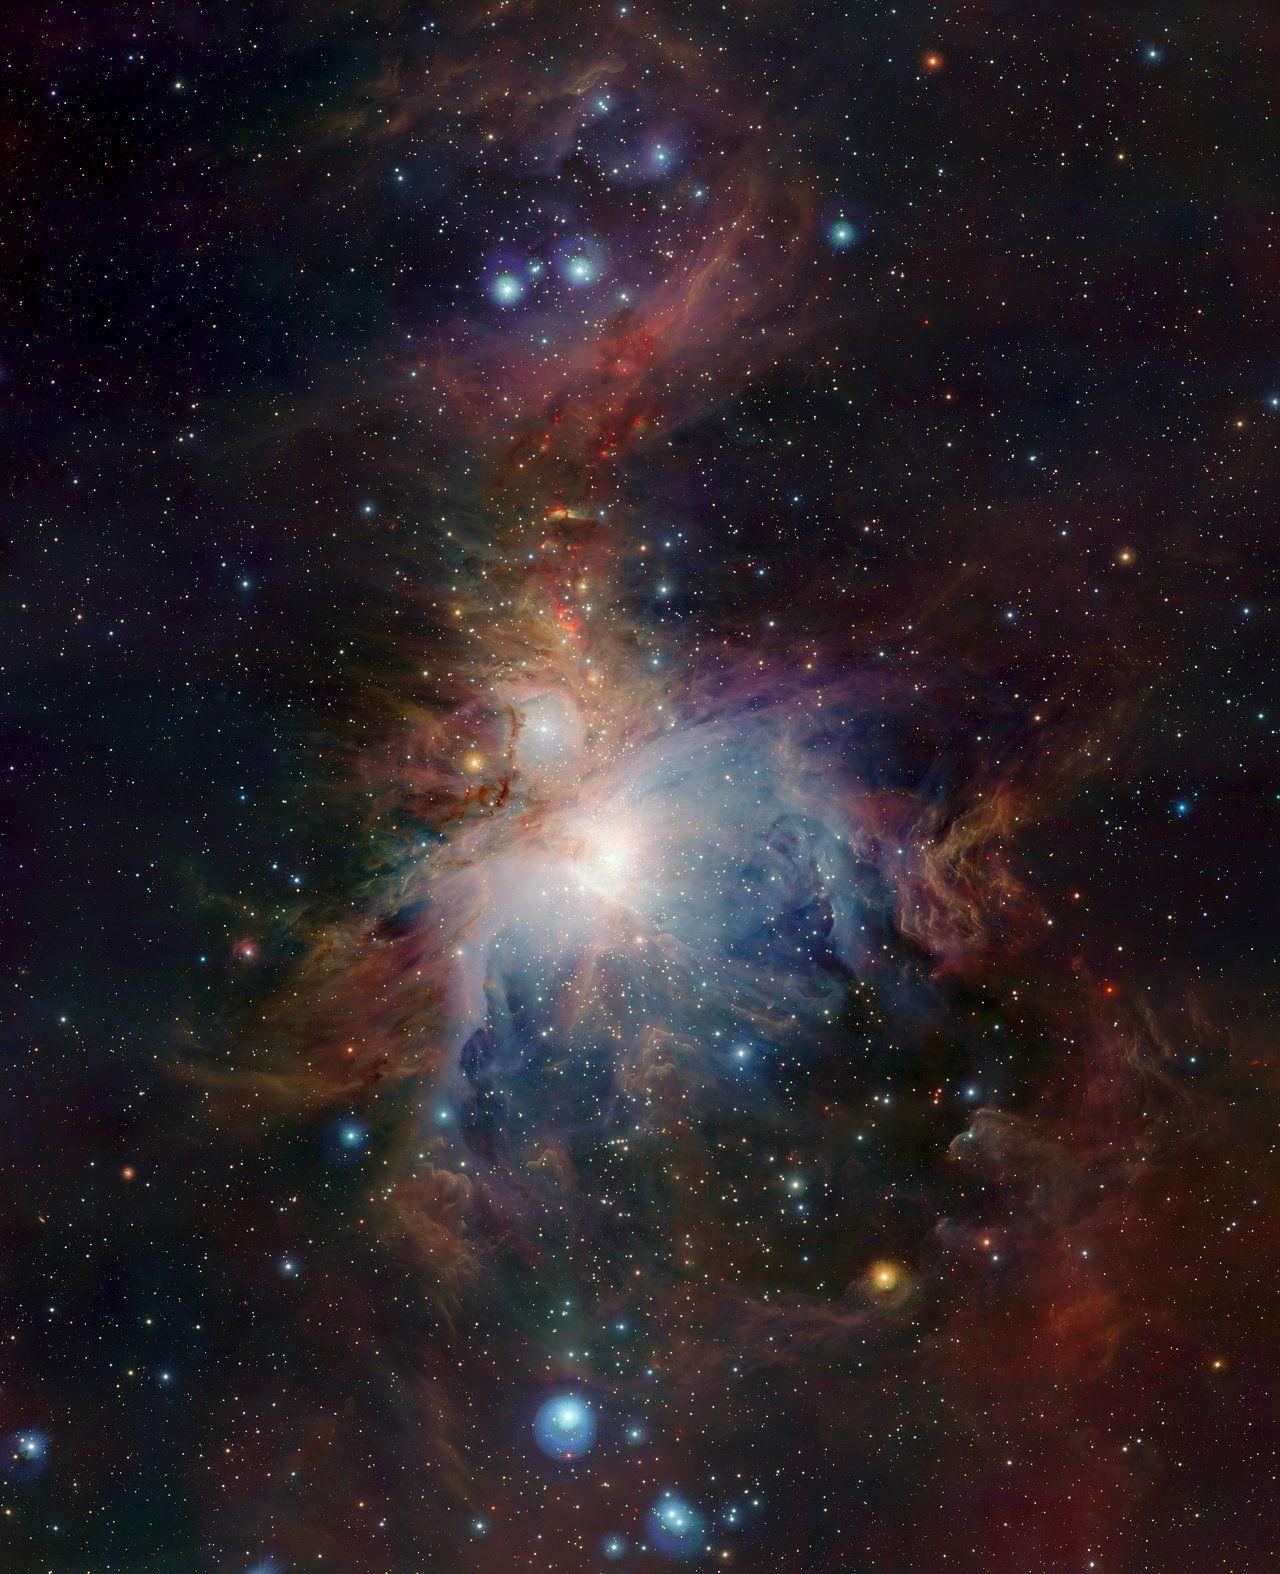 Weihnachtskalender Orion.La Vue Infrarouge De Vista De La Nébuleuse D Orion Amazing